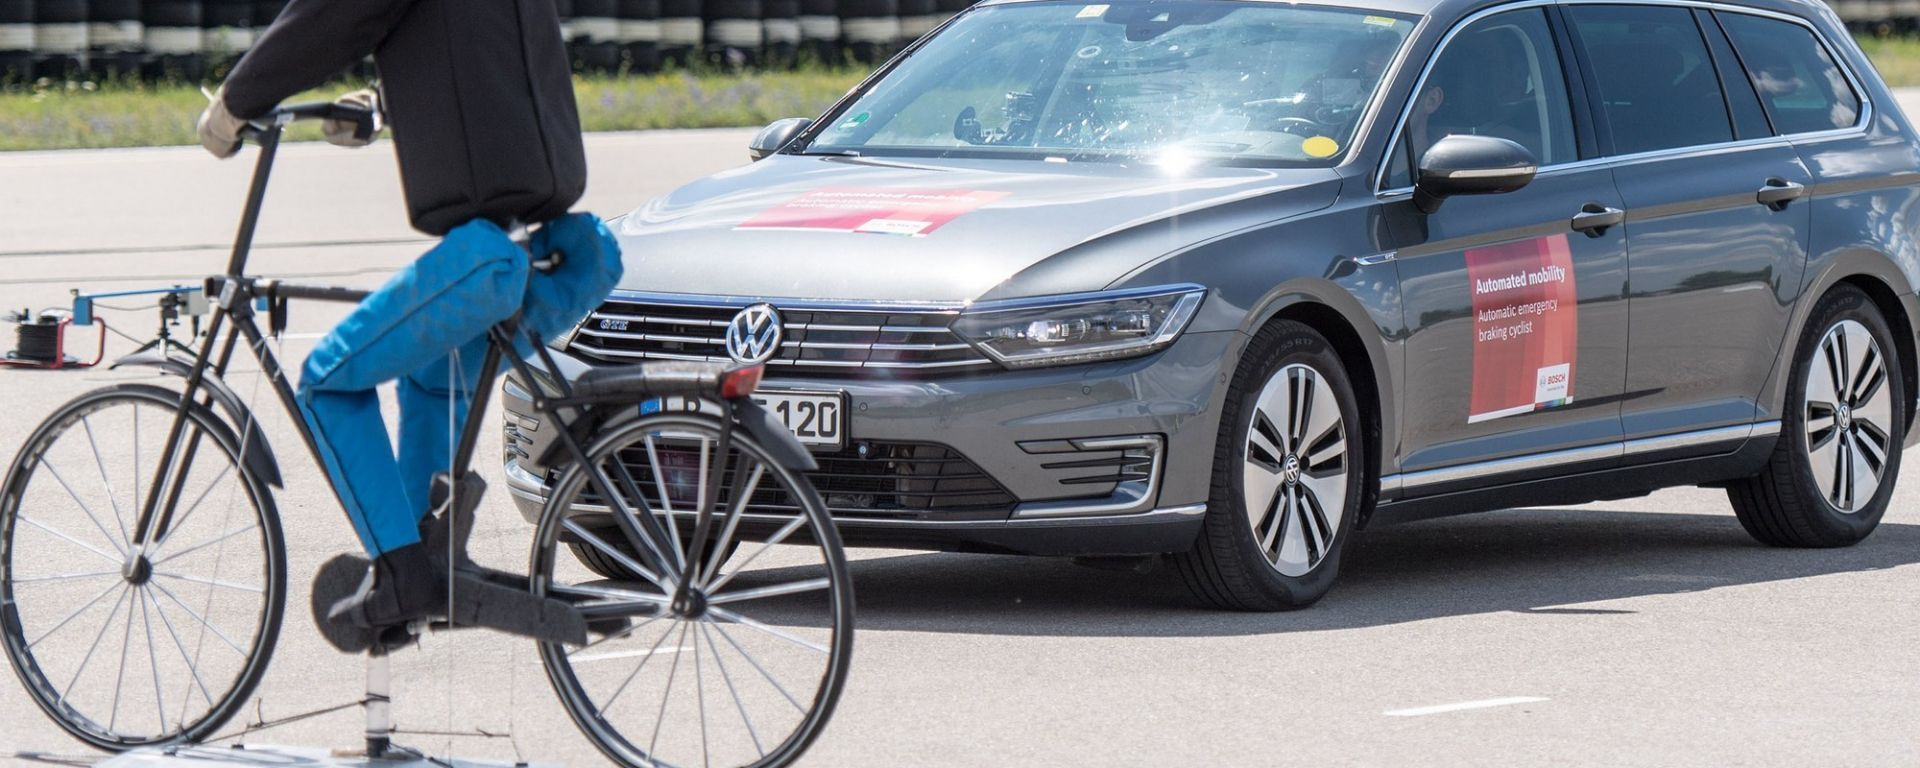 Frenata automatica di emergenza, il verdetto: con bici e scooter non è infallibile